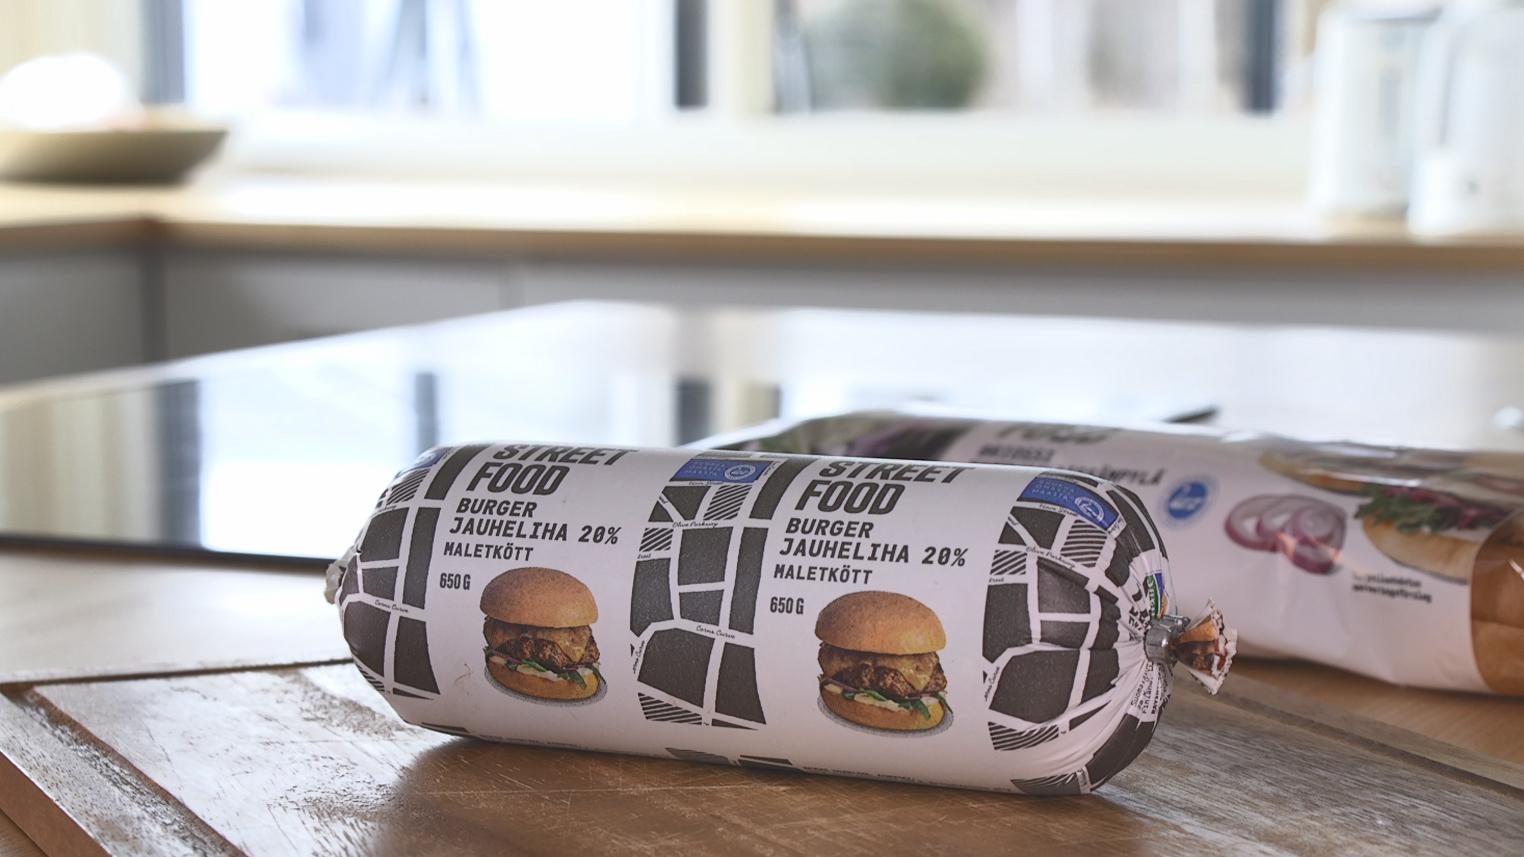 Hampurilaispihvit helposti burgerjauhelihasta 1